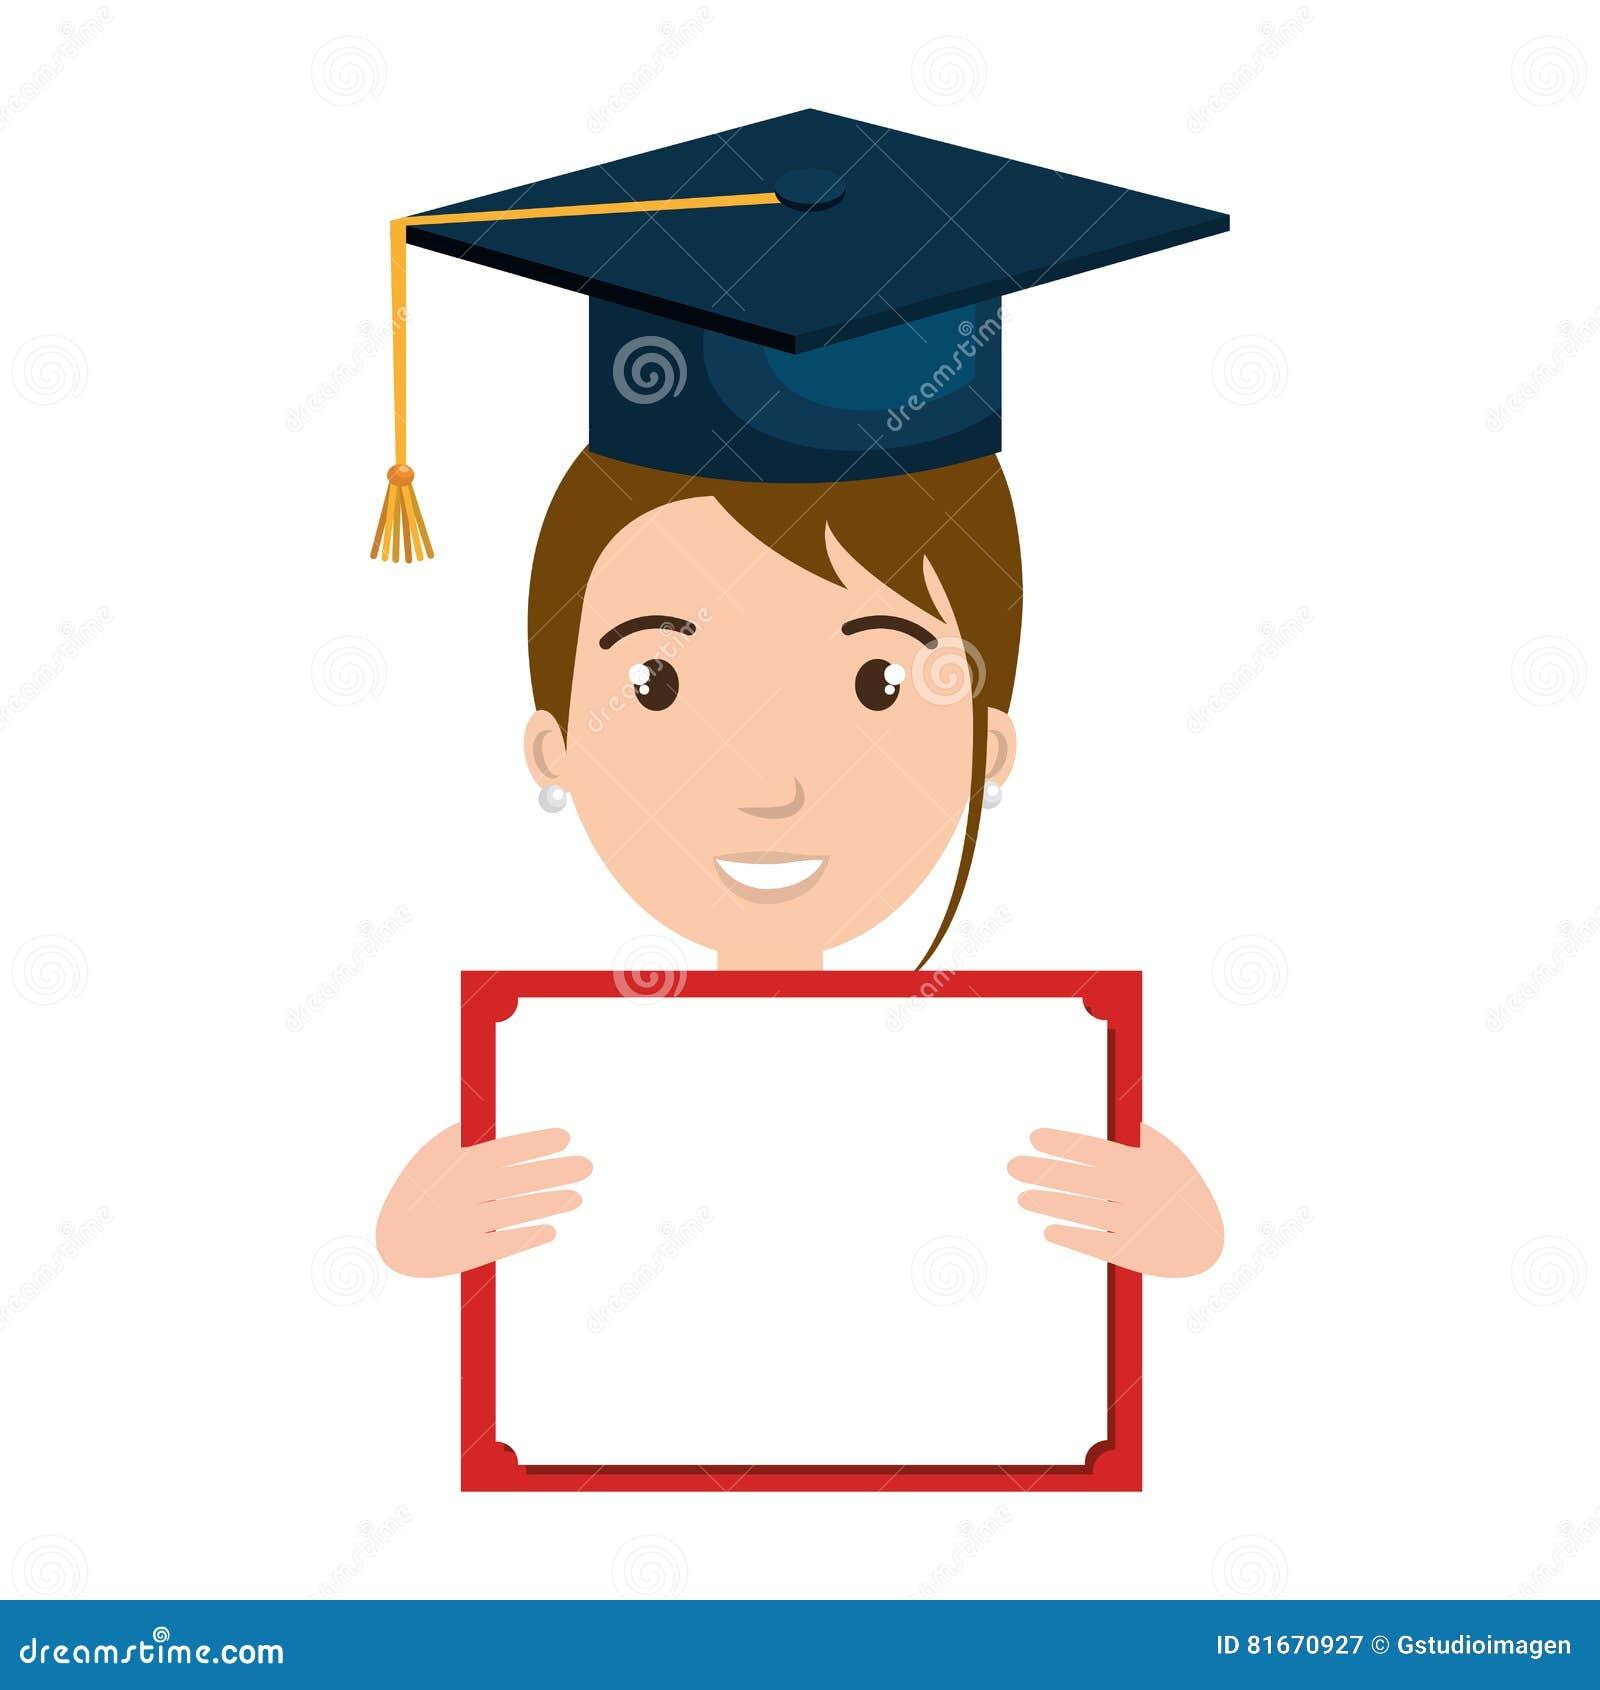 Carácter Del Estudiante Con La Graduación Y El Diploma Del Sombrero ... a2976177b06